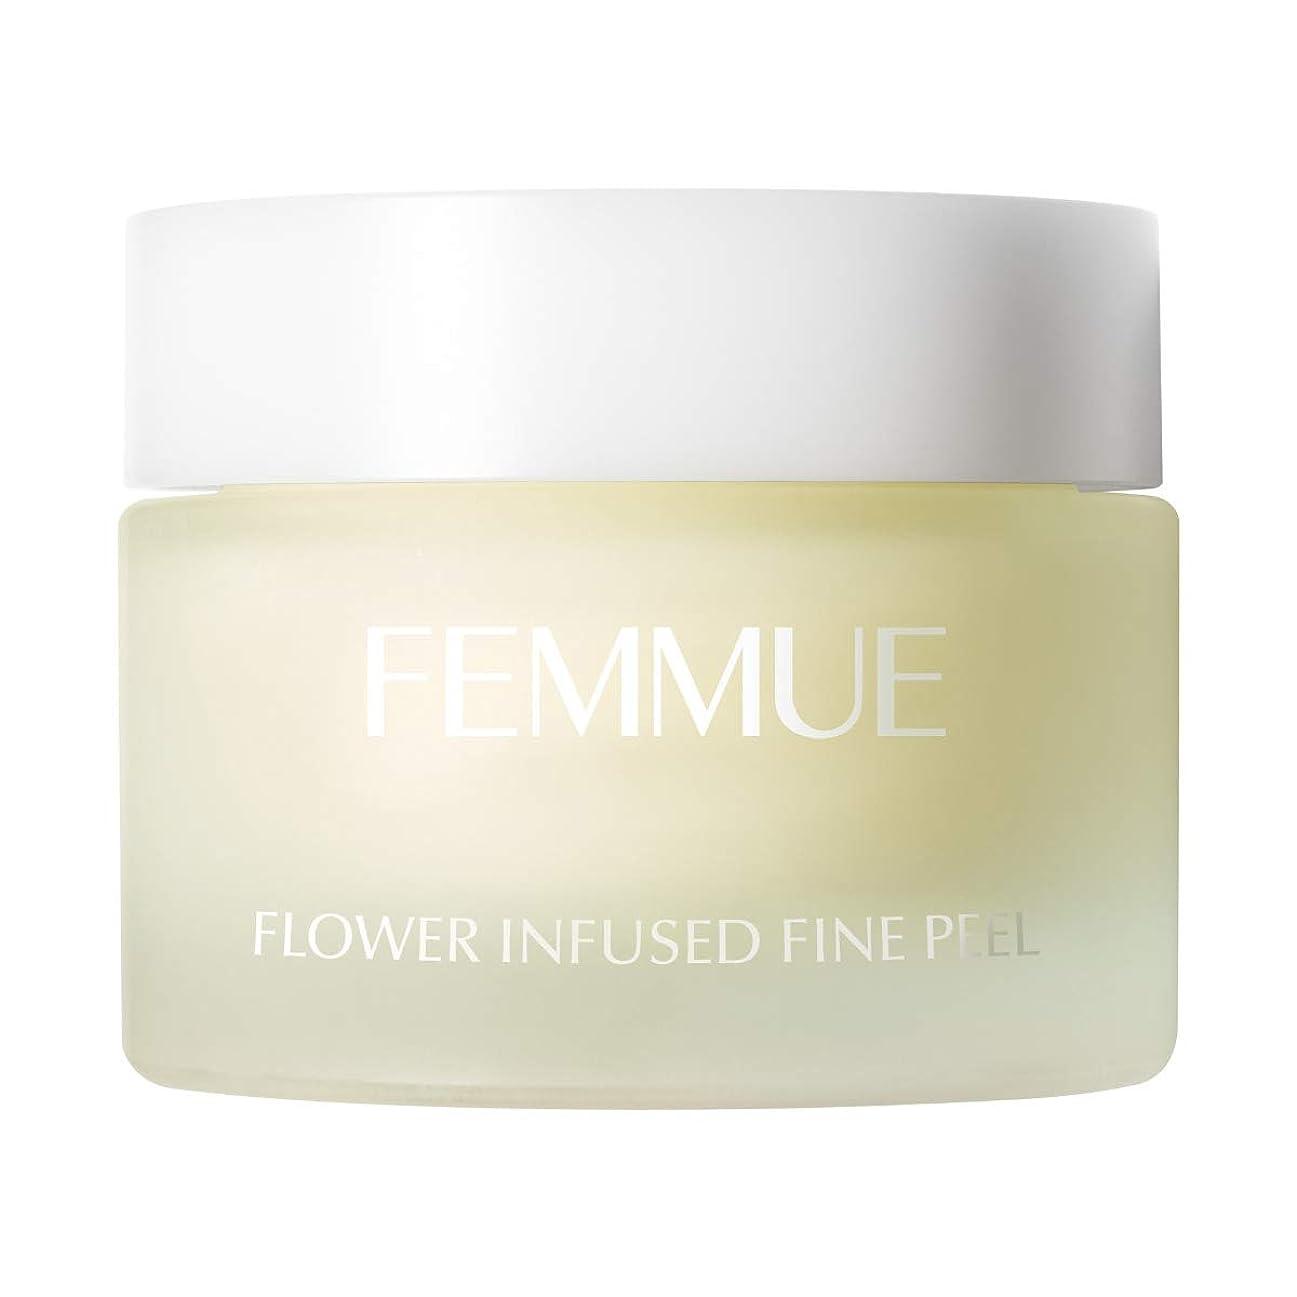 不毛の倍増シルクFEMMUE(ファミュ) フラワーインフューズド ファインピール<角質ケアジェル>50g 日本正規品 洗顔 シダーウッド、ゼラニウム、白檀、ジャスミン